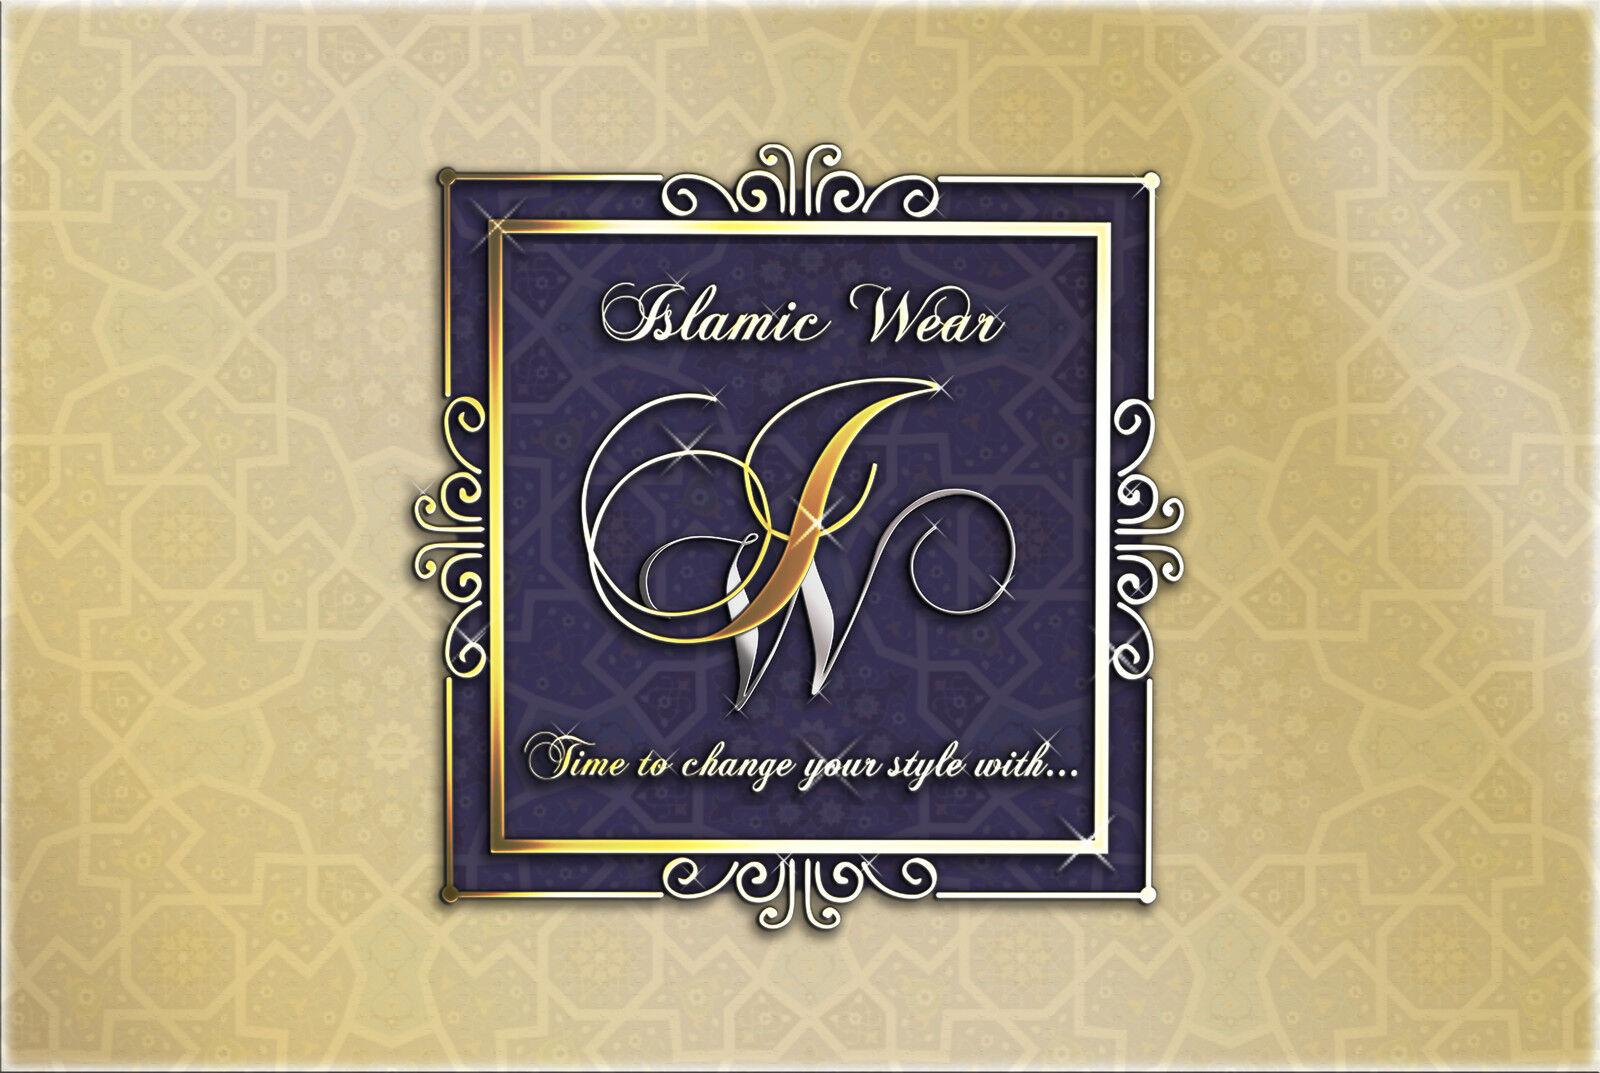 islamicweareurope